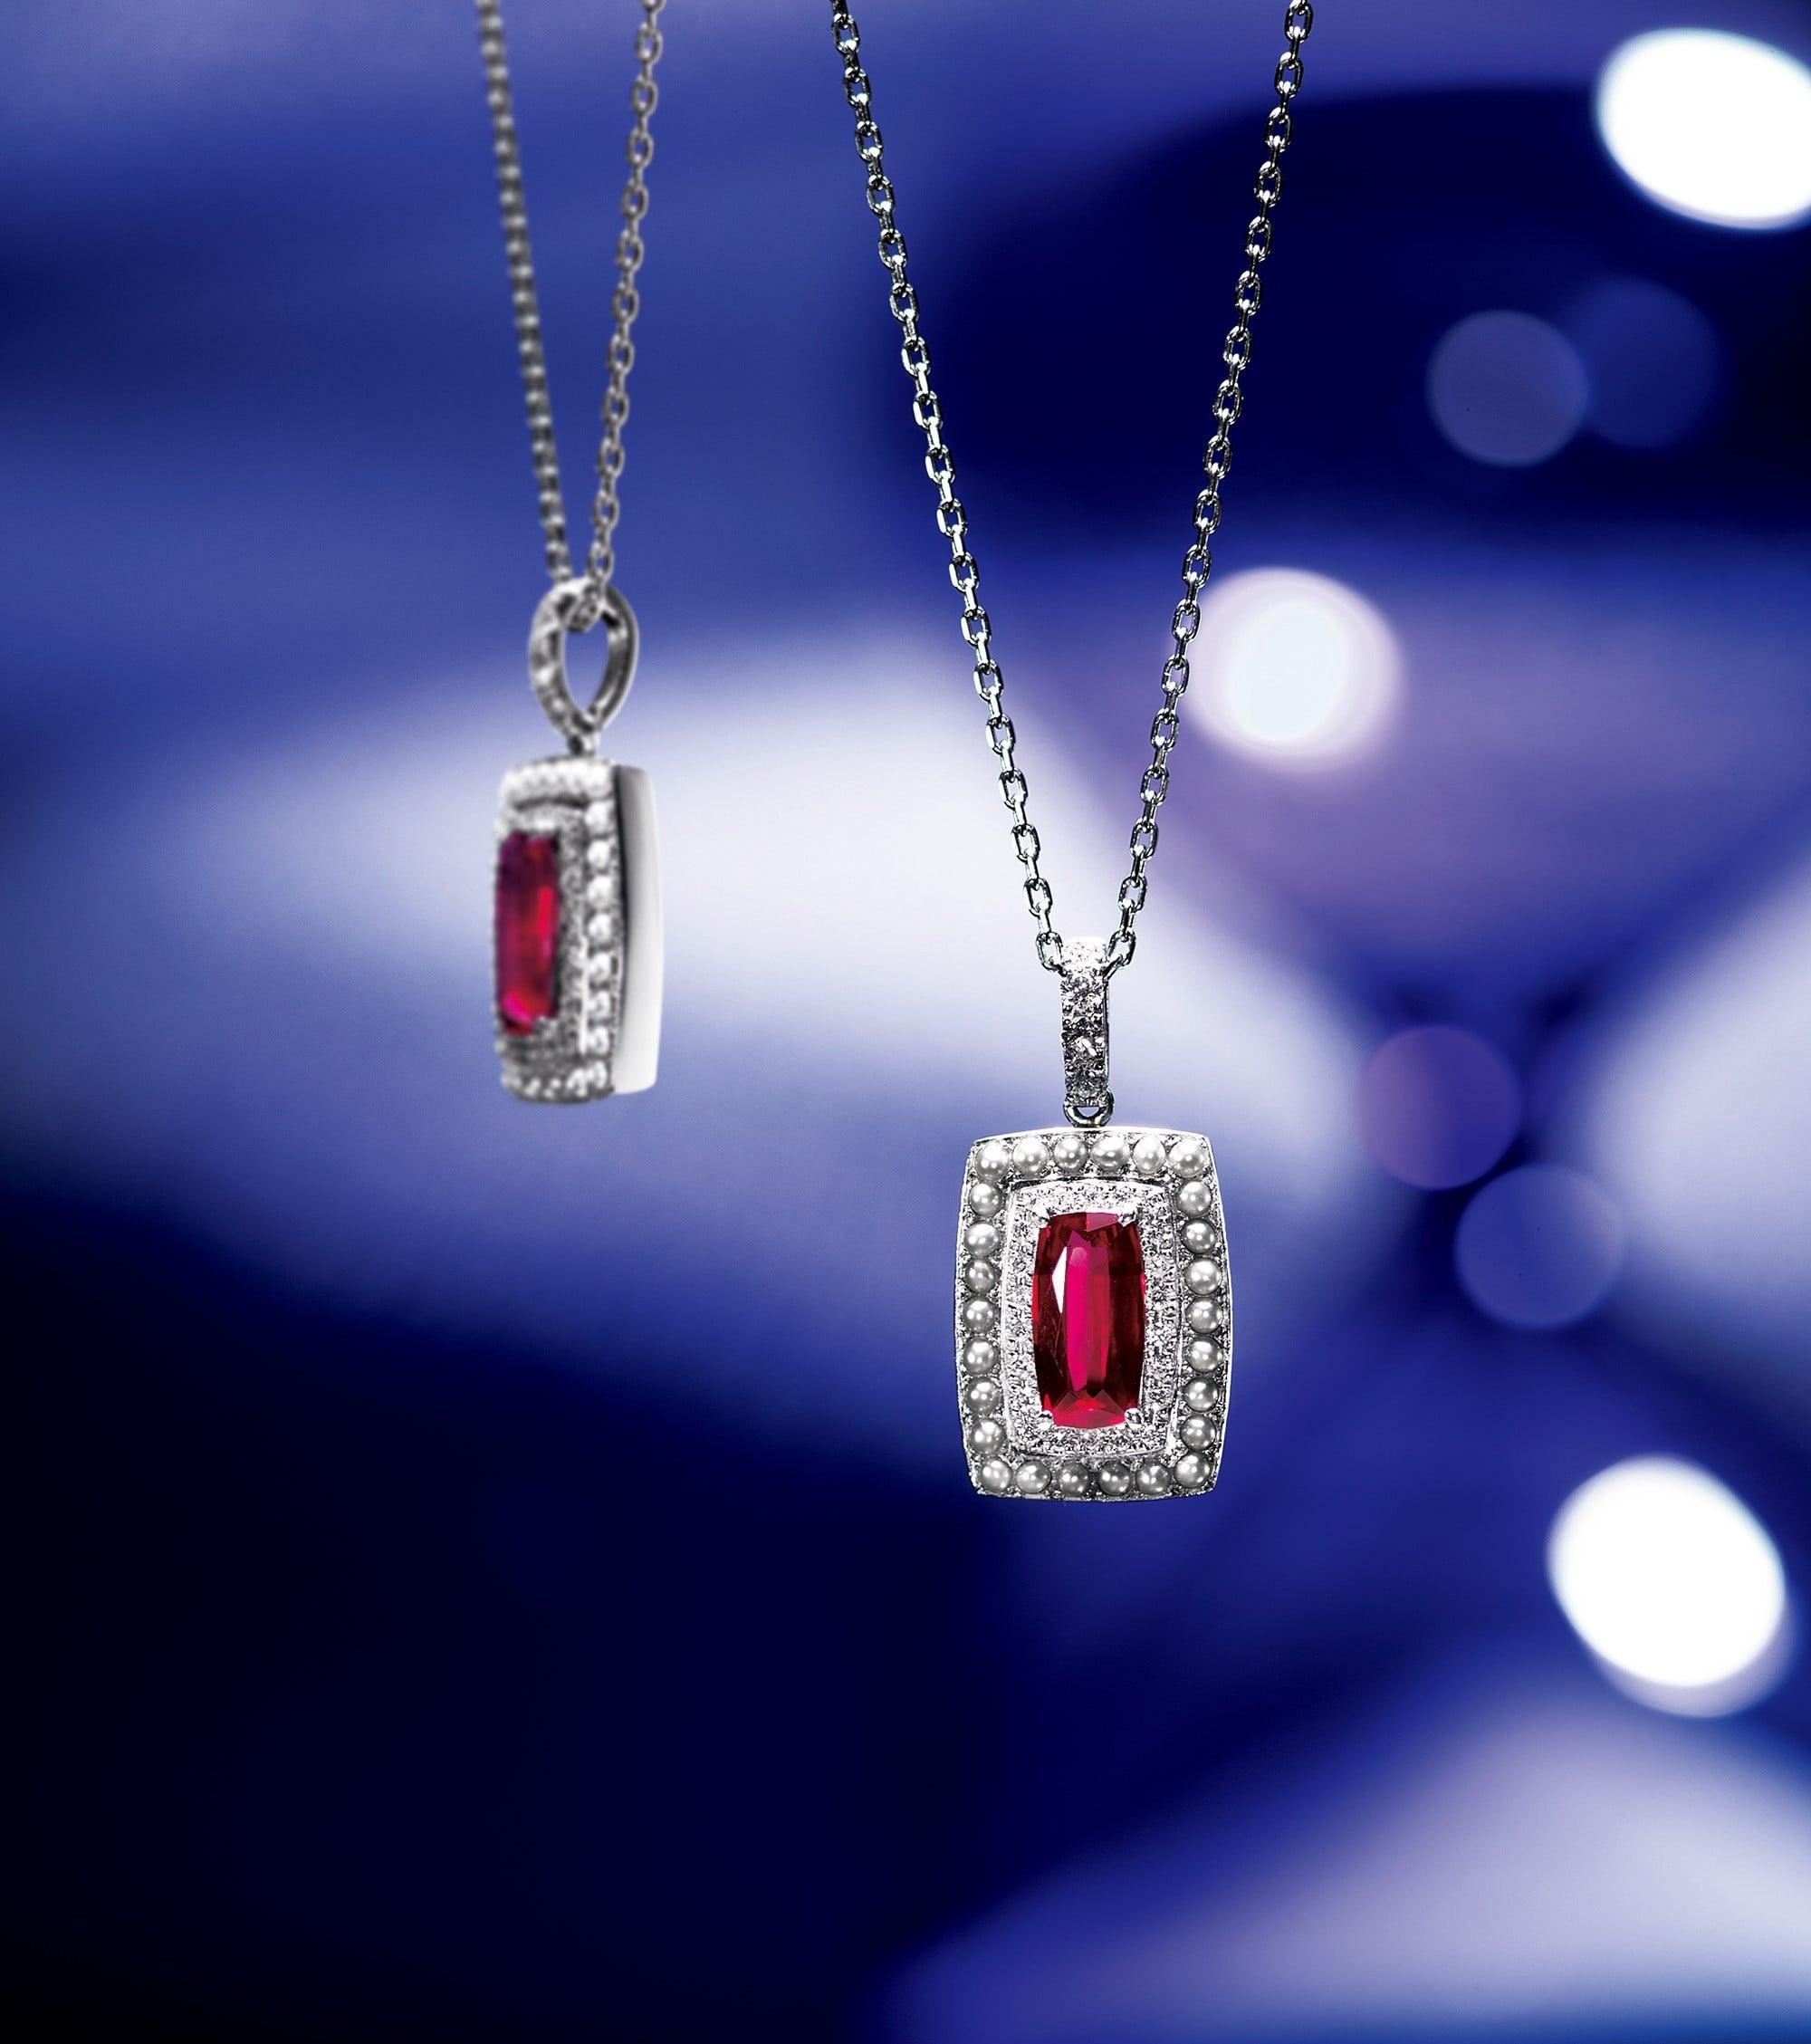 個性的なクッションカットのルビーとケシパールの組み合わせがアンティークテイスト。 Pt・ルビー・ダイヤモンド・ケシパール。3,200,000円 税込